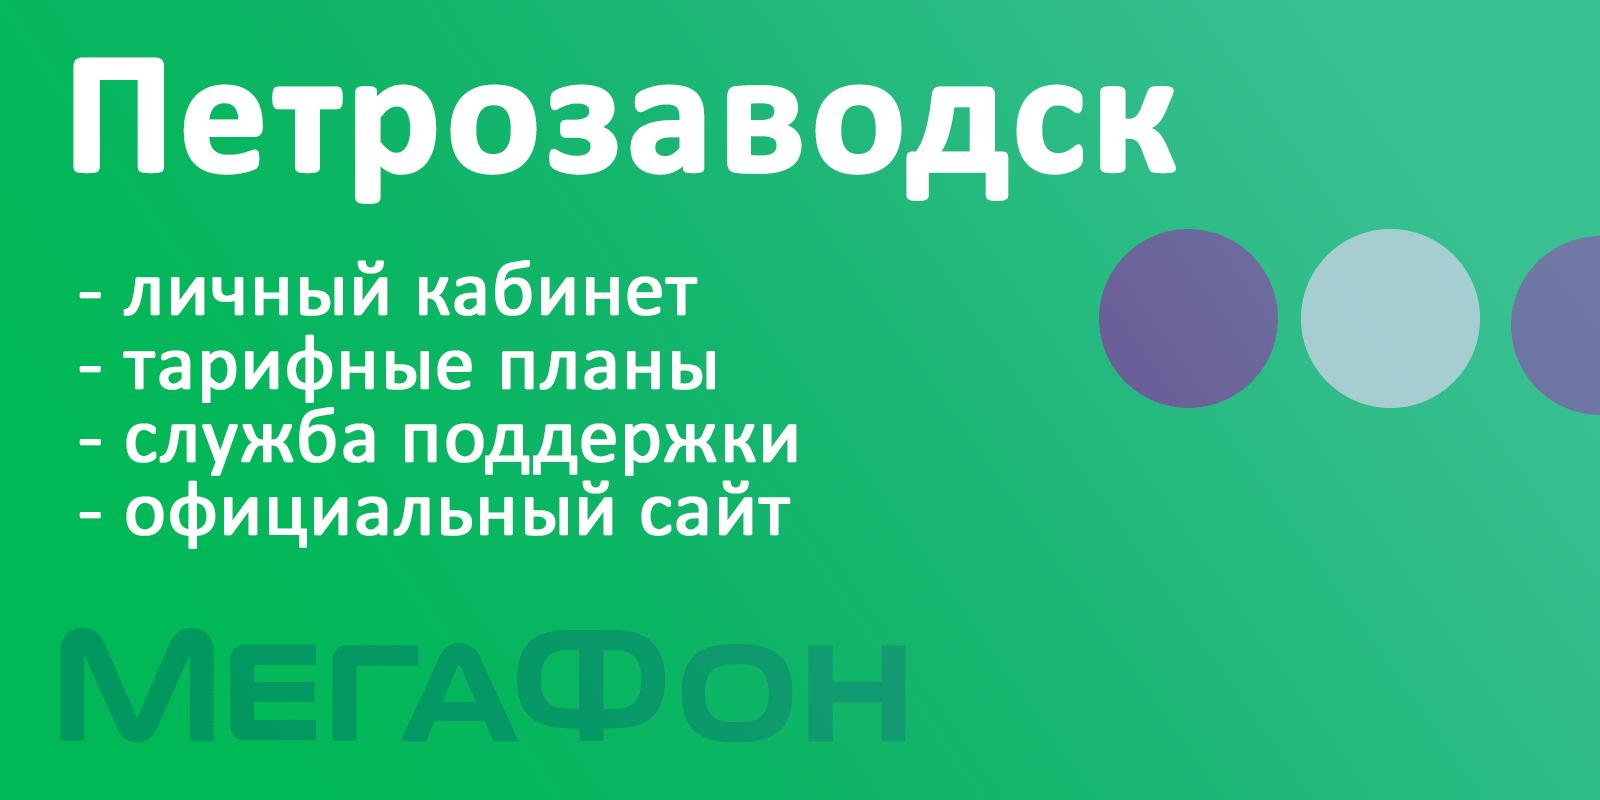 Мегафон Петрозаводск - тарифы, личный кабинет, номер горячей линии